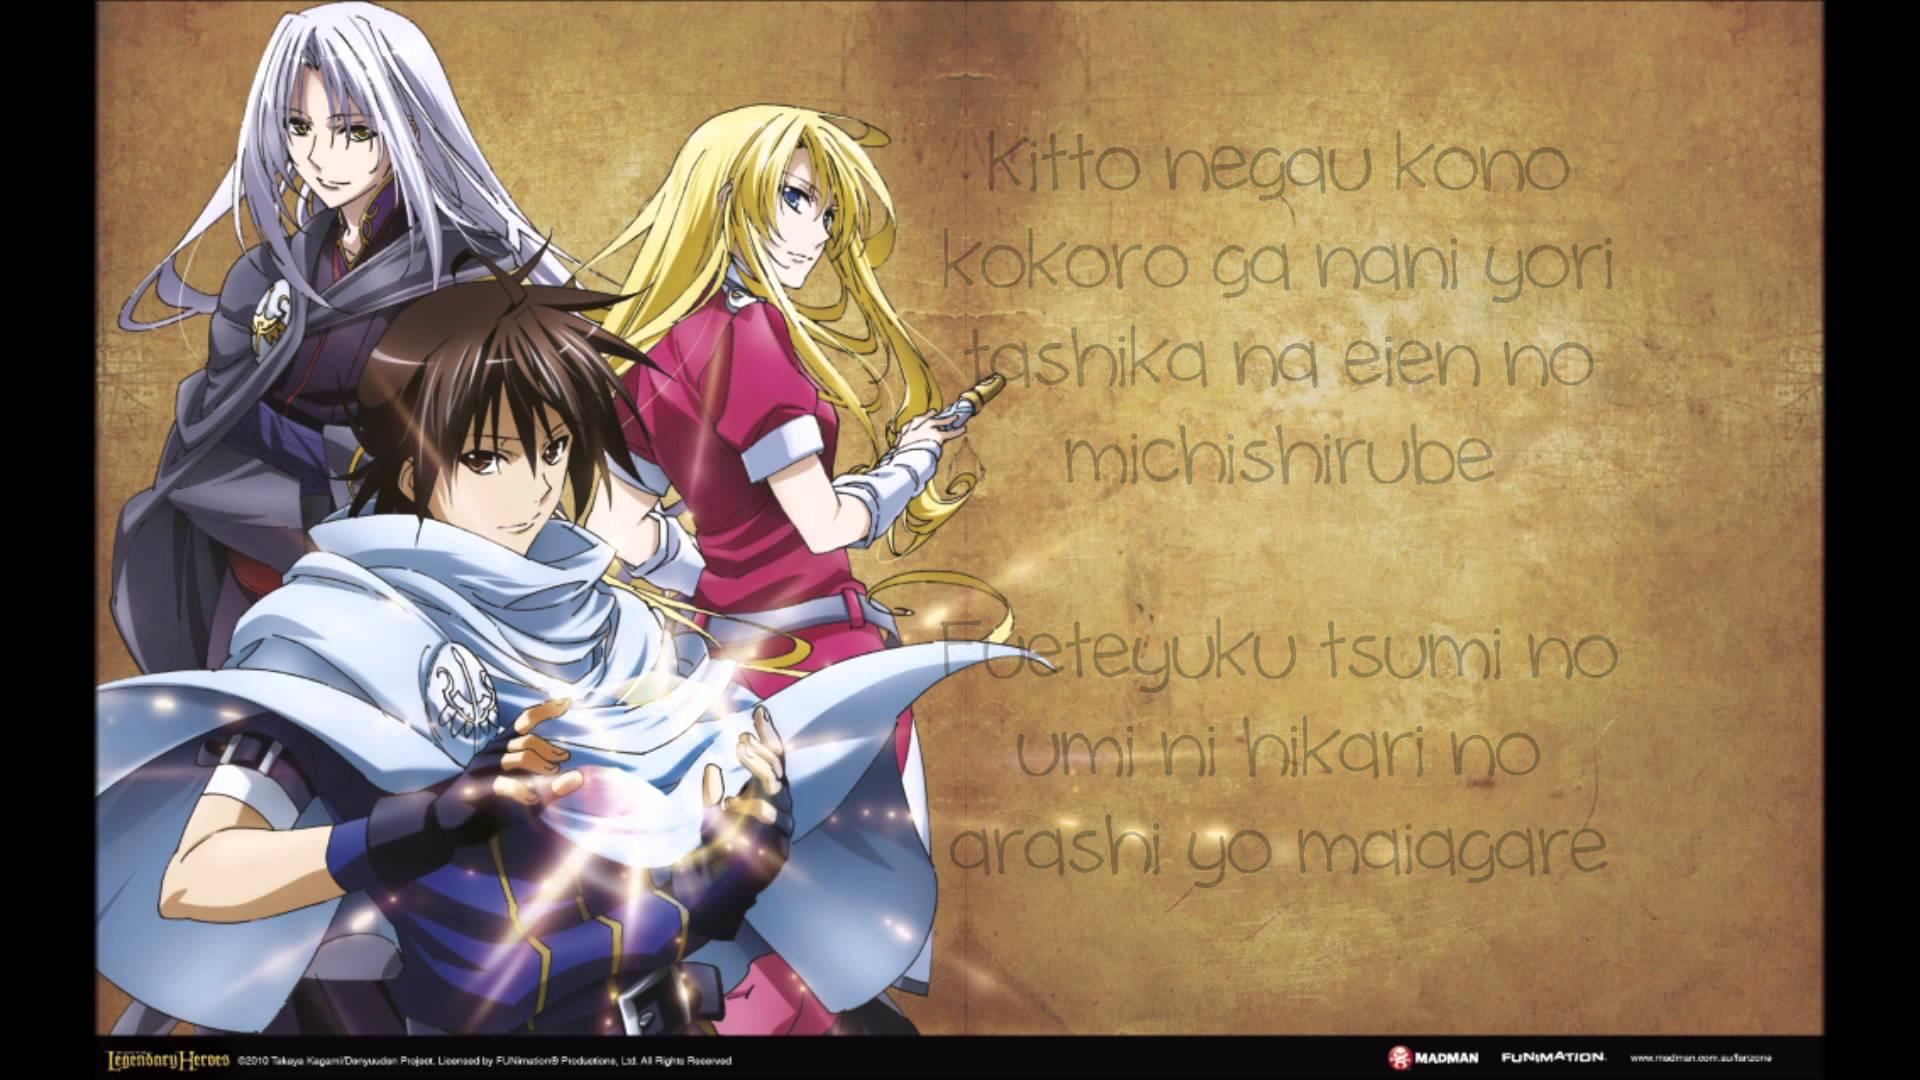 Densetsu No Yuusha No Densetsu Pics, Anime Collection